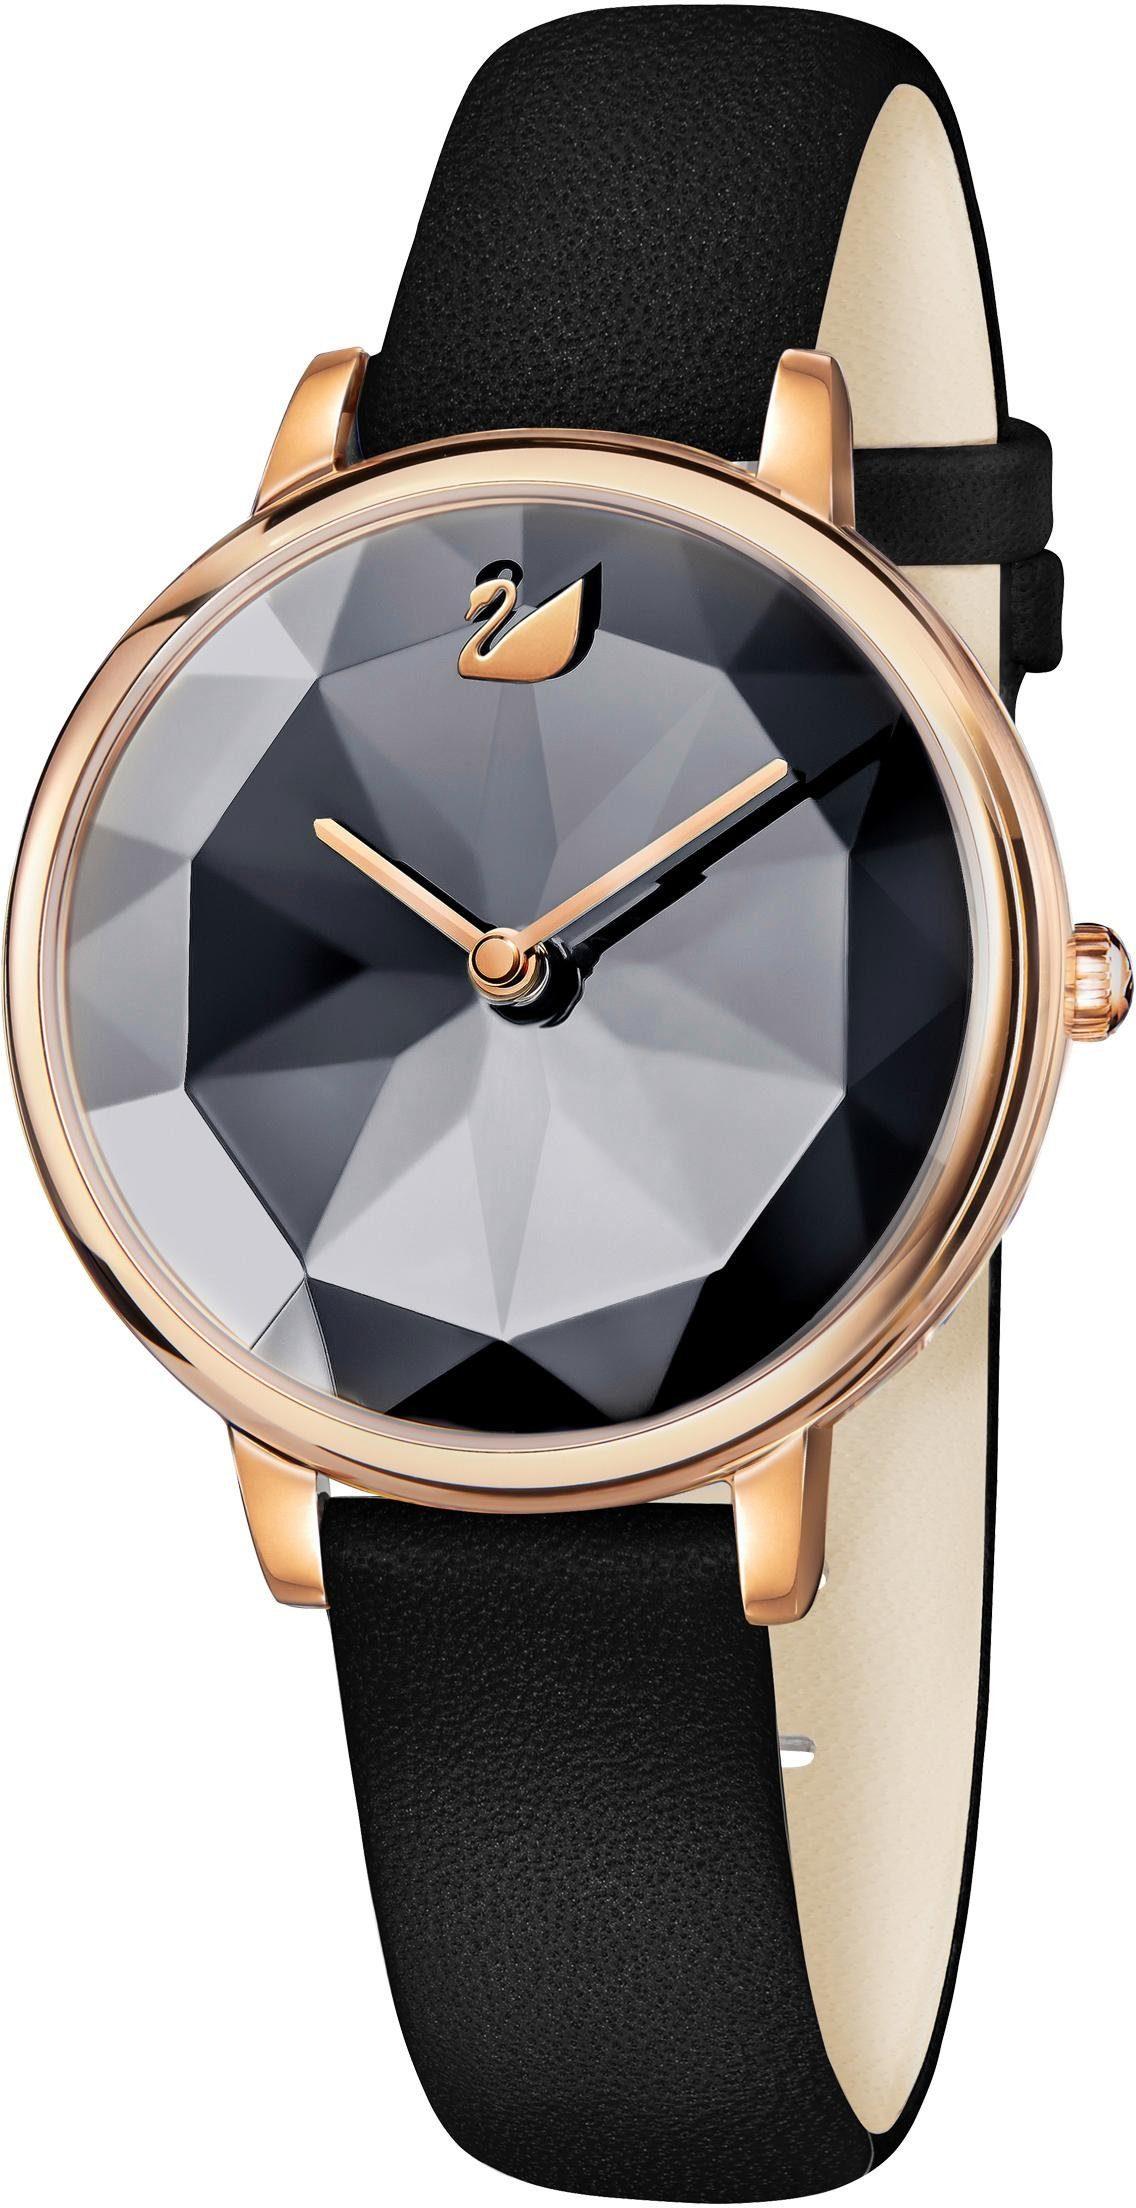 Schweizer Schweizer Lake5416009«Otto Uhr »crystal »crystal Swarovski Swarovski »crystal Uhr Swarovski Schweizer Uhr Lake5416009«Otto 8nXwNOP0k